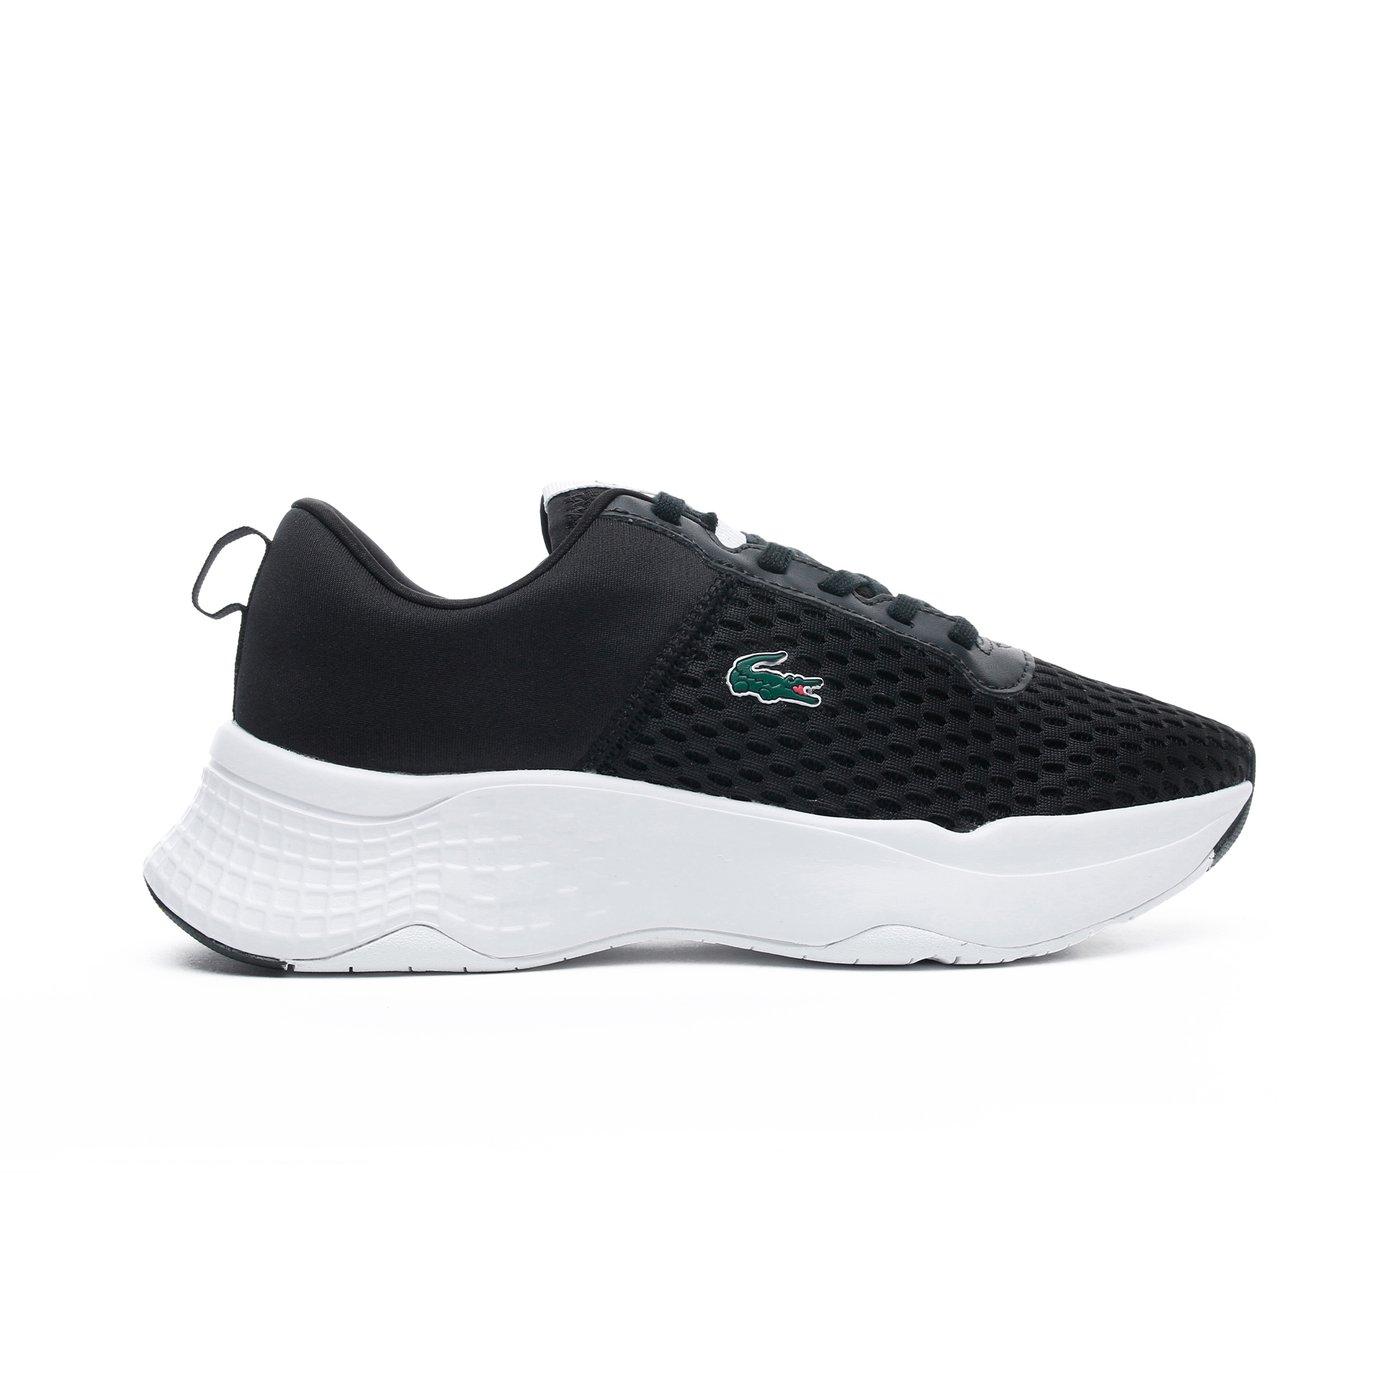 Lacoste Court-Drive Kadın Siyah Spor Ayakkabı